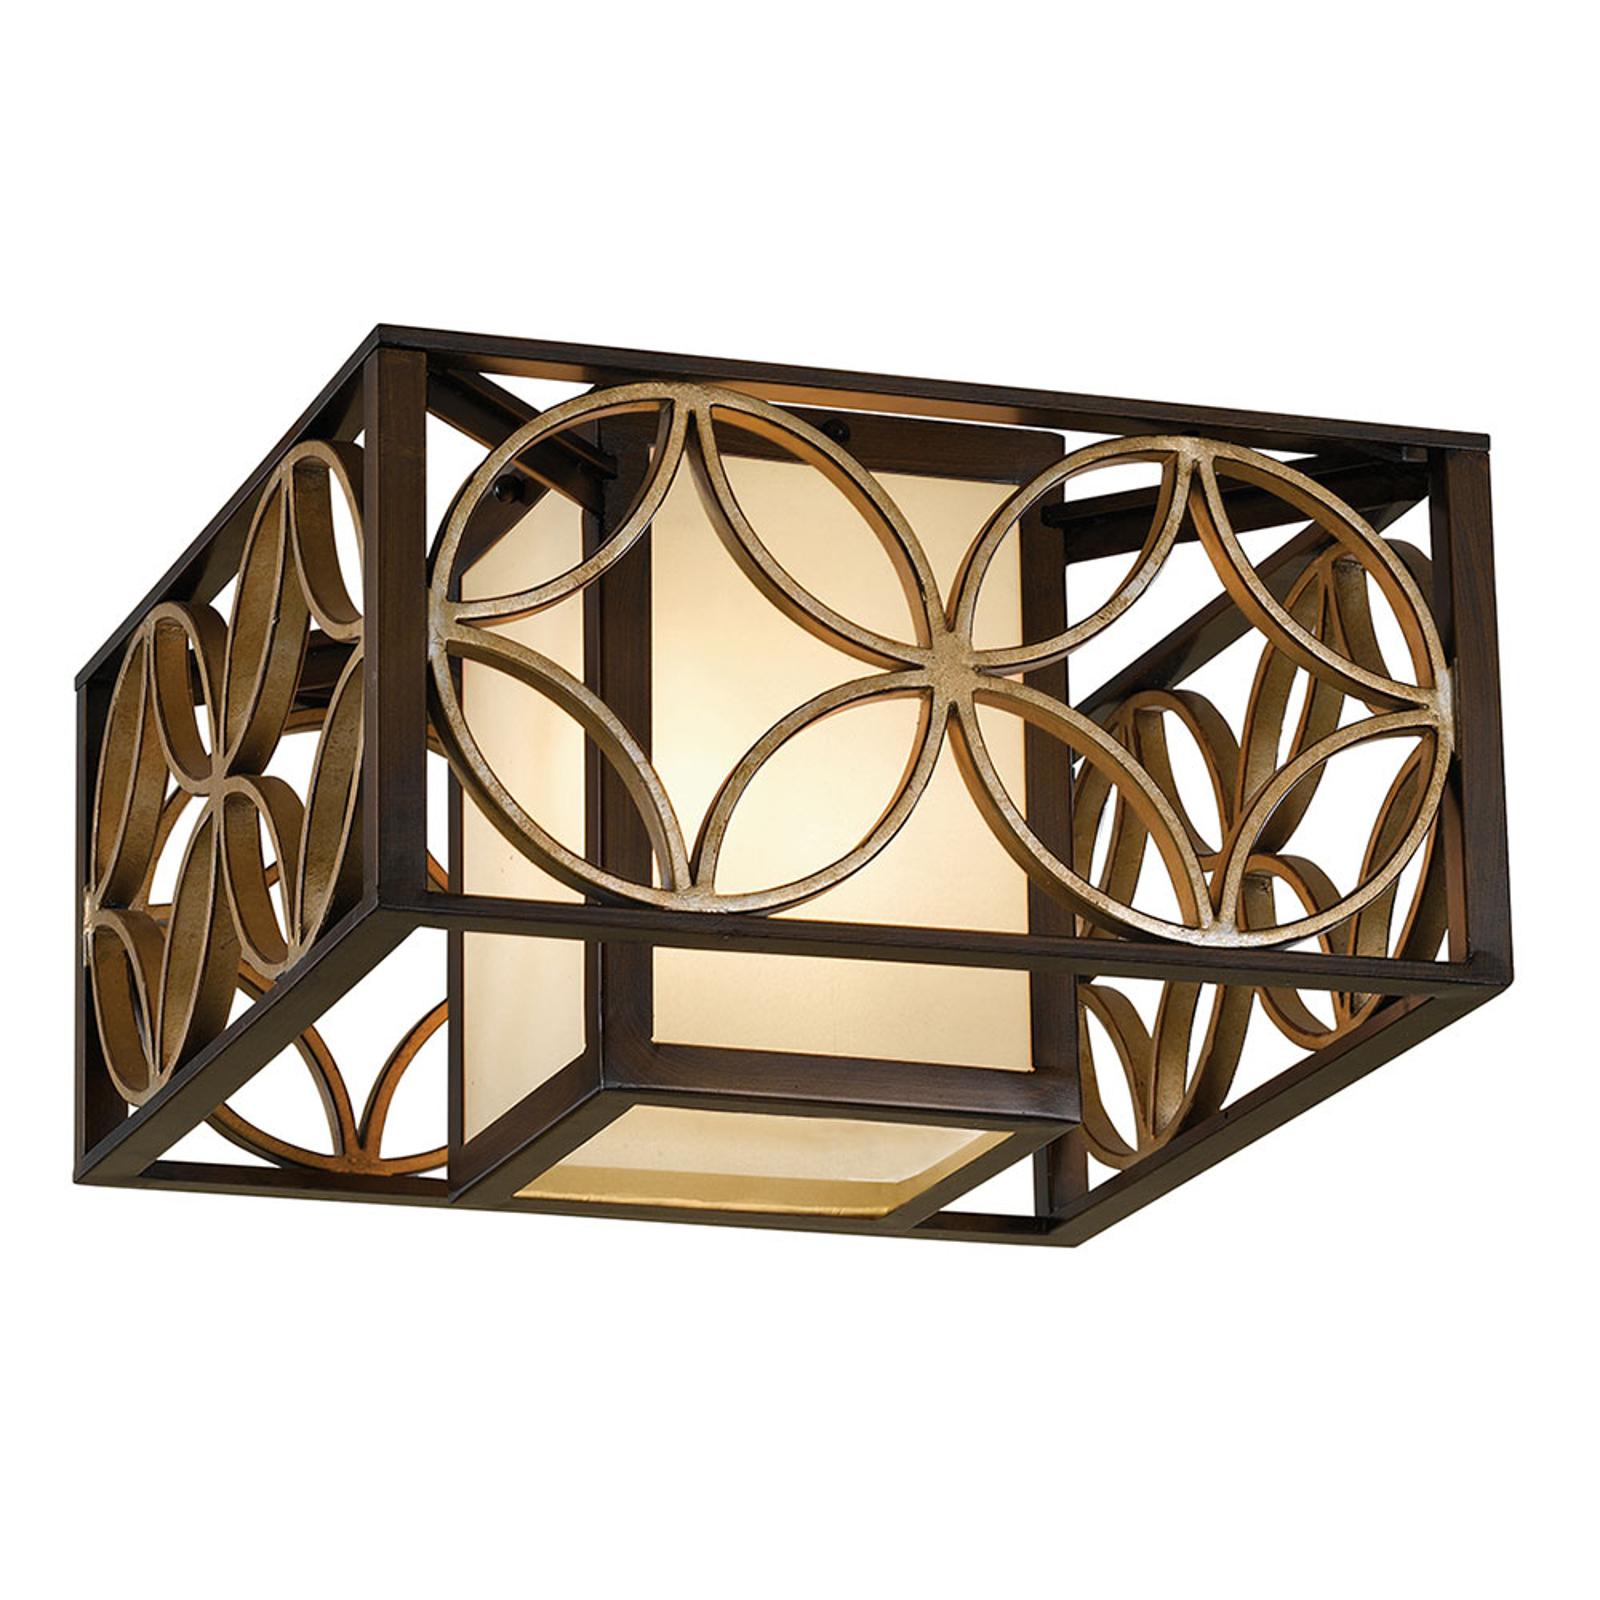 Lampa sufitowa Remy z brązowym wykończeniem